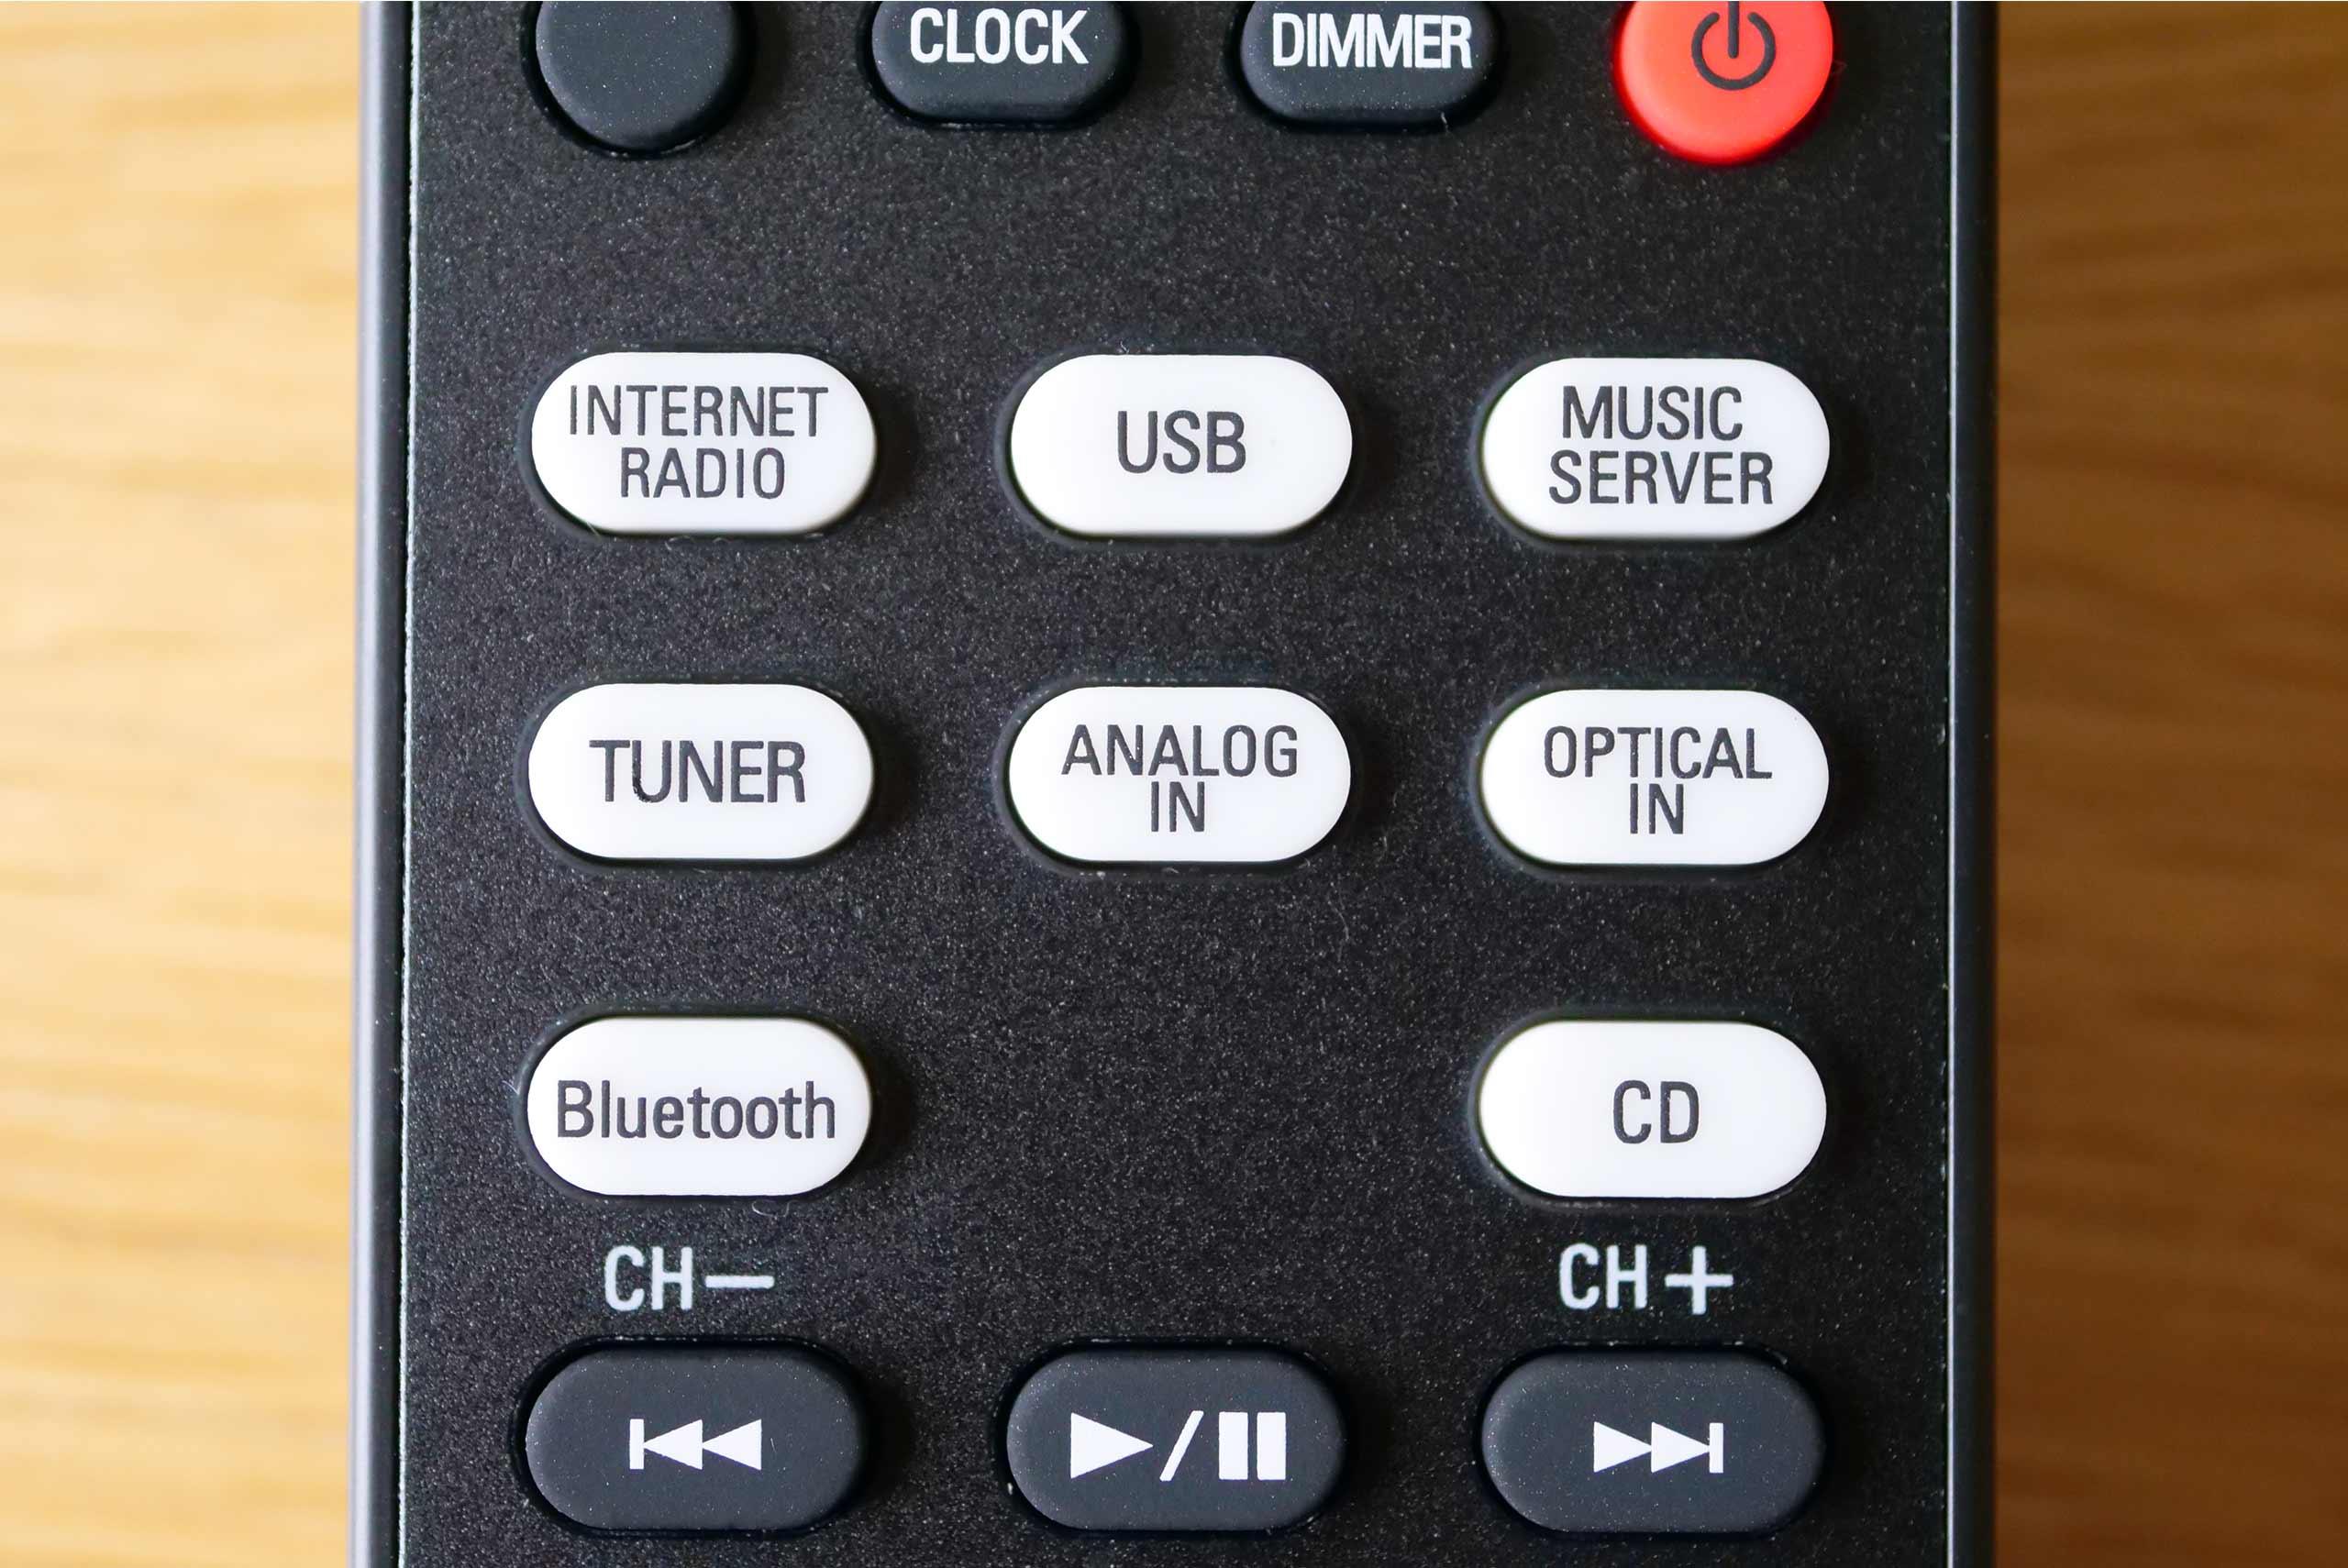 Les multiples sources bénéficient de touches d'accès direct sur la télécommande infrarouge du N10.